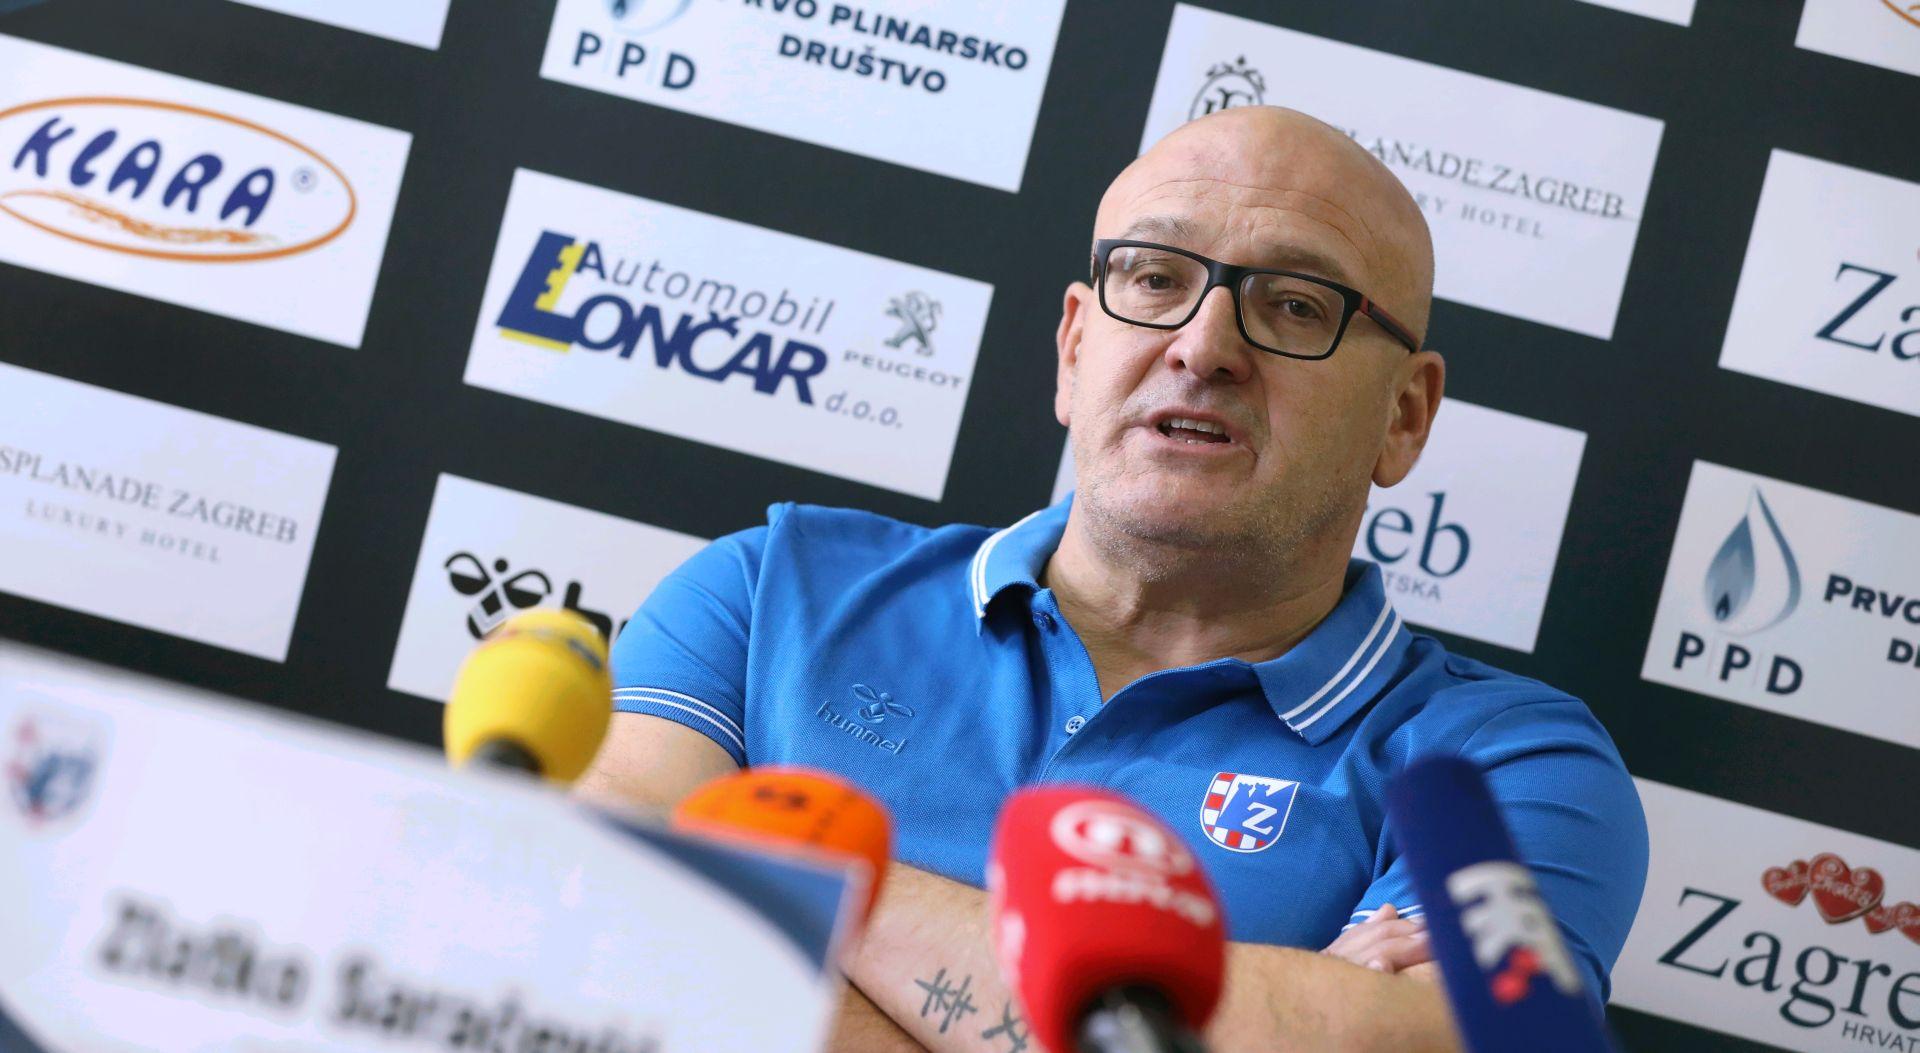 Zlatan Saračević novi trener PPD Zagreba